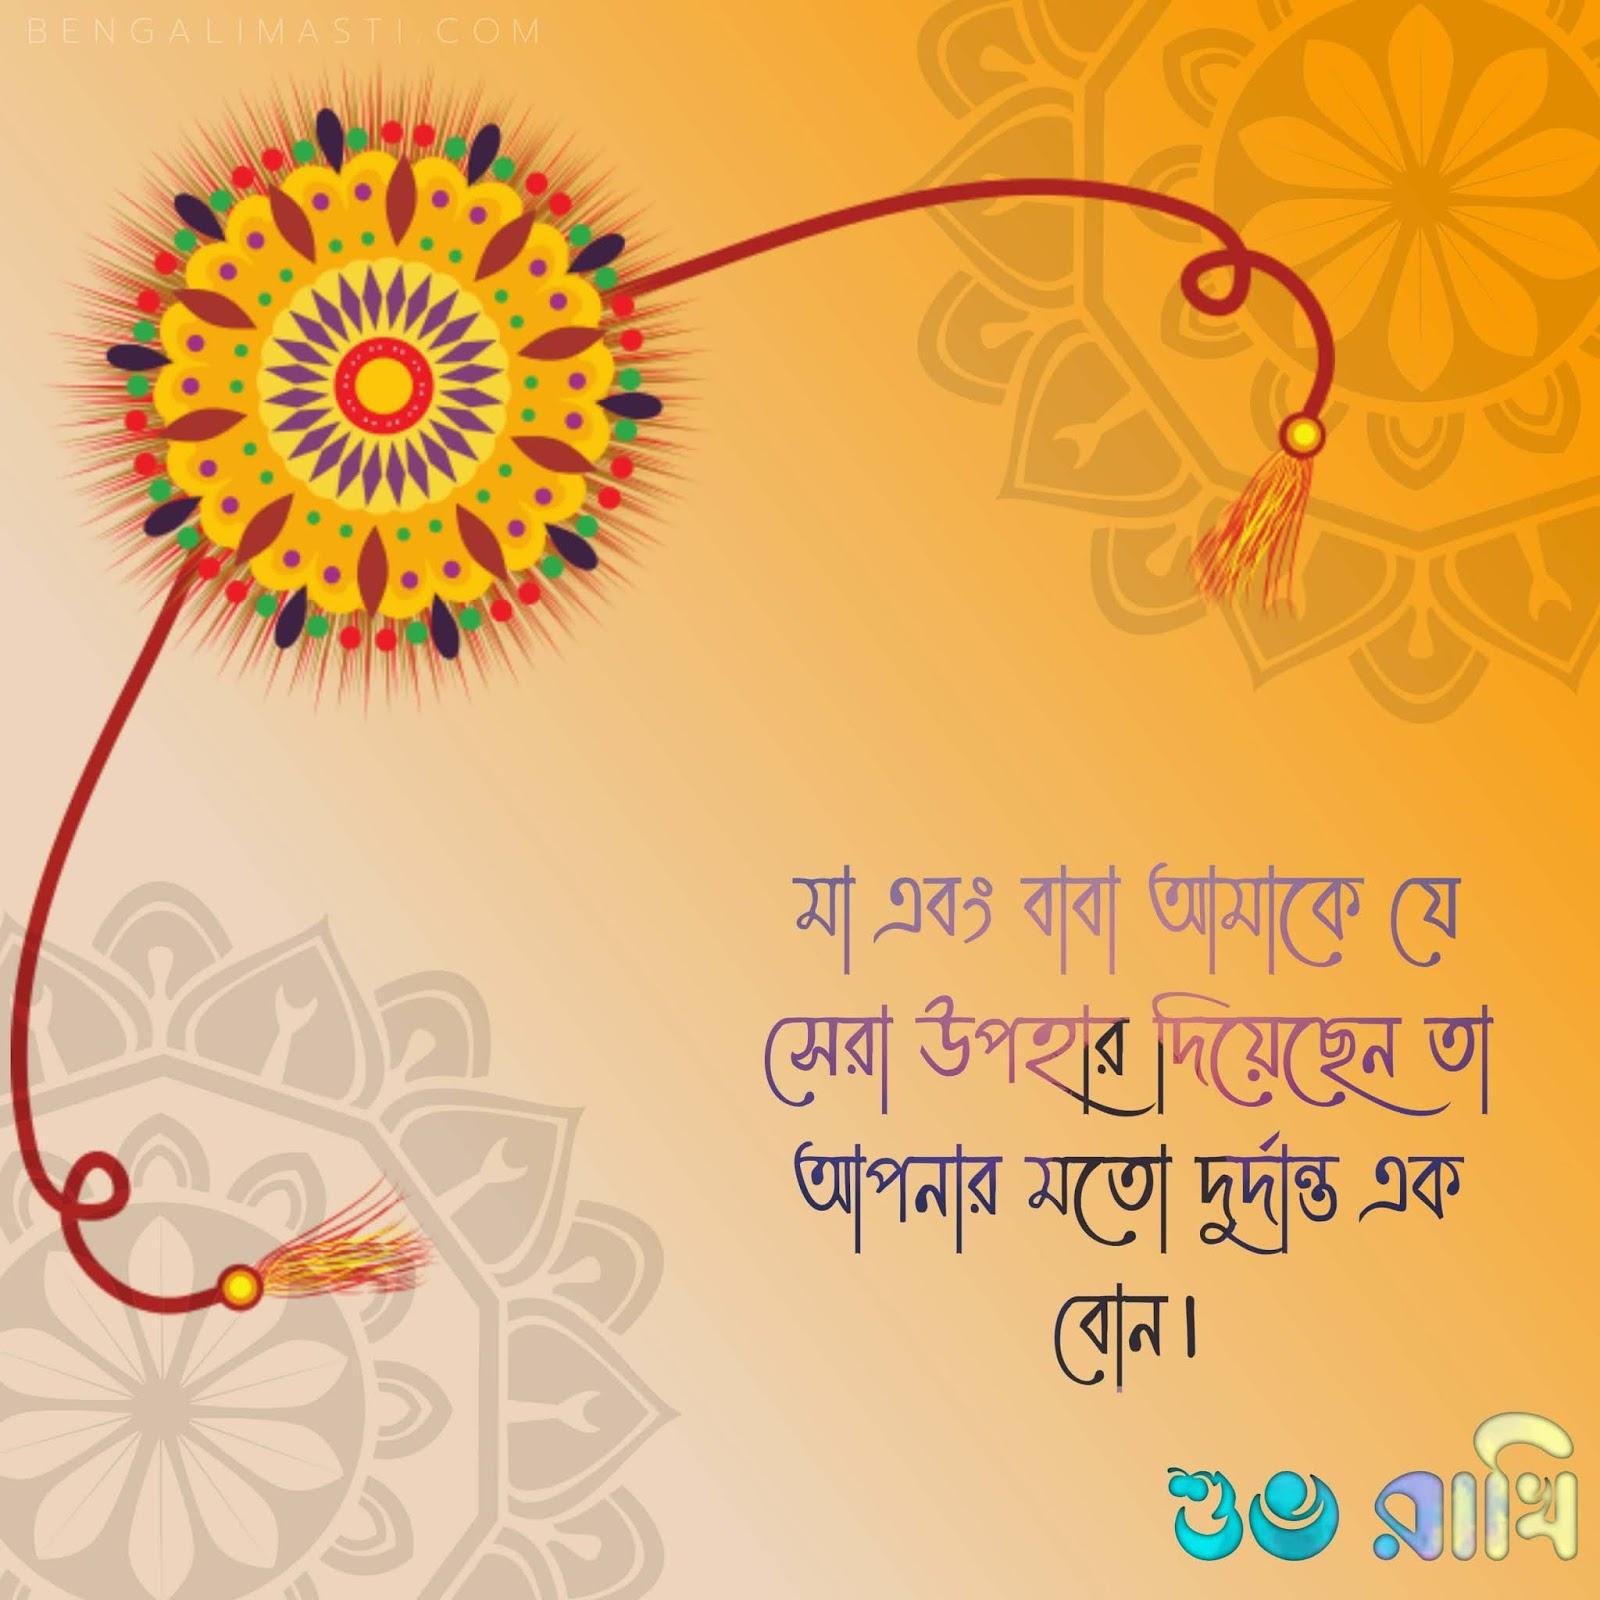 bengali raksha bandhan wish